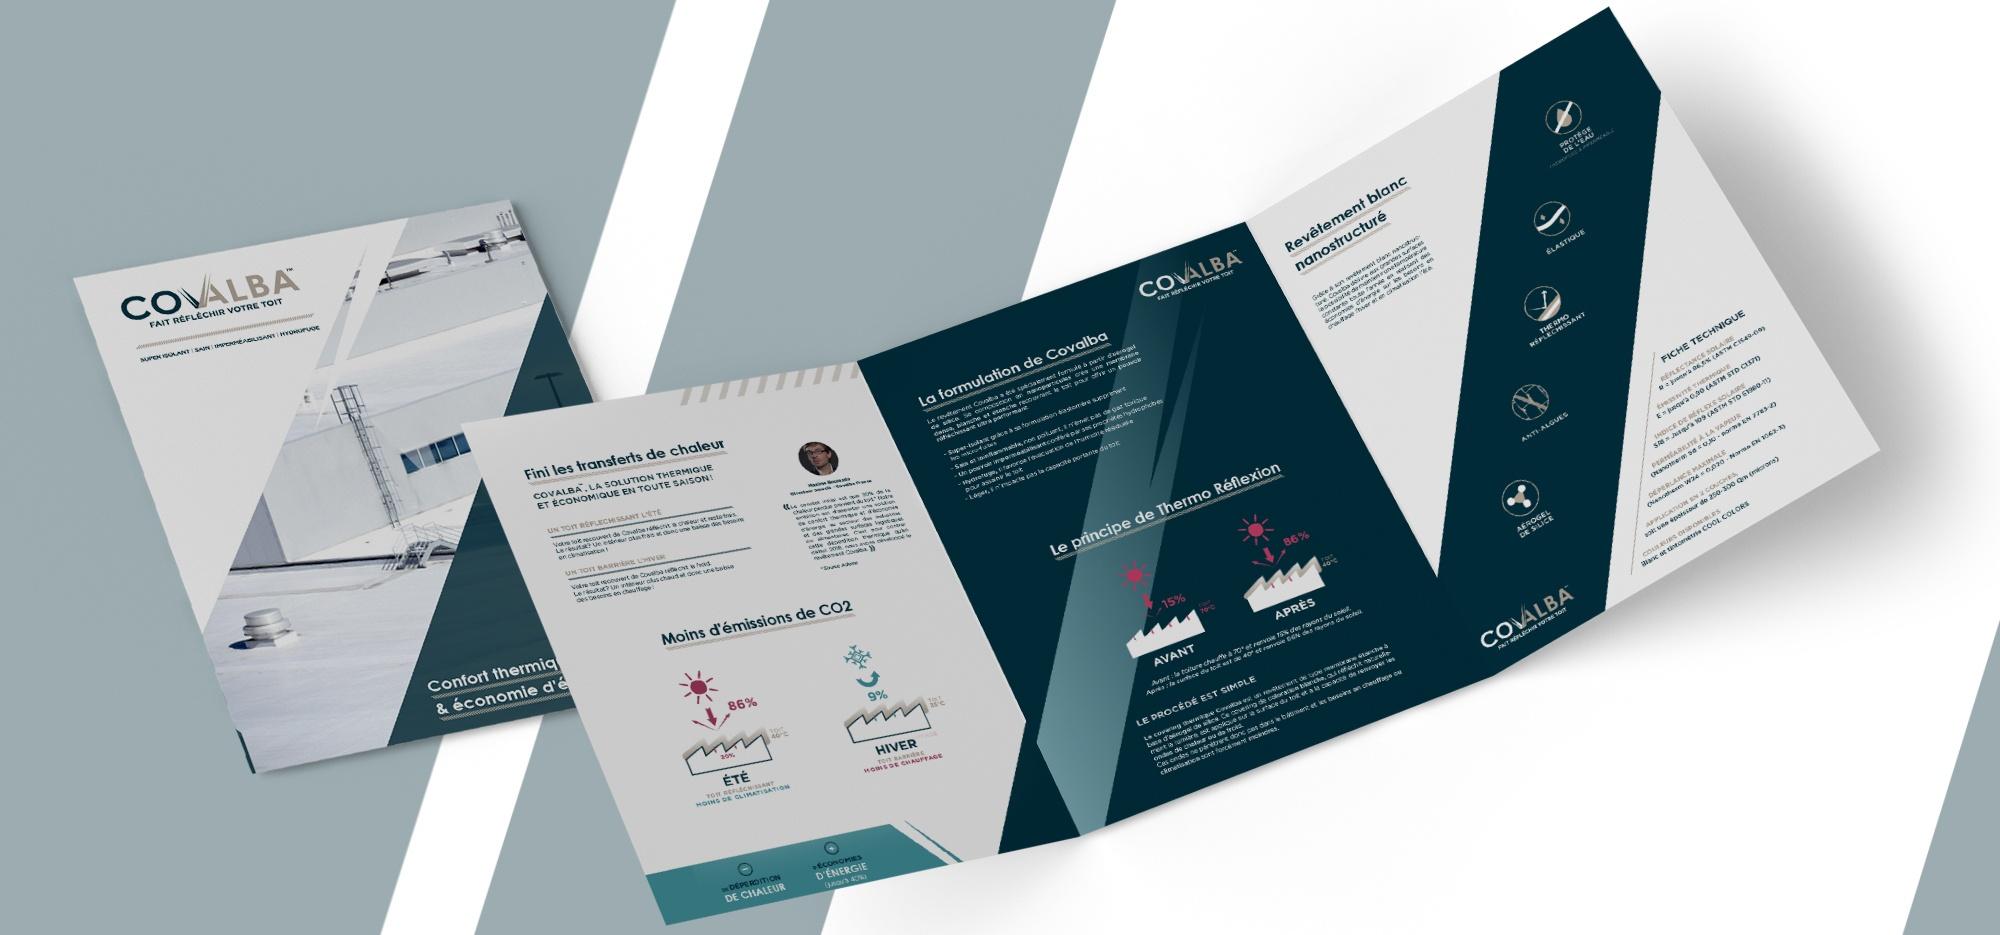 Création plaquette commerciale COVALBA par l'agence EKELA